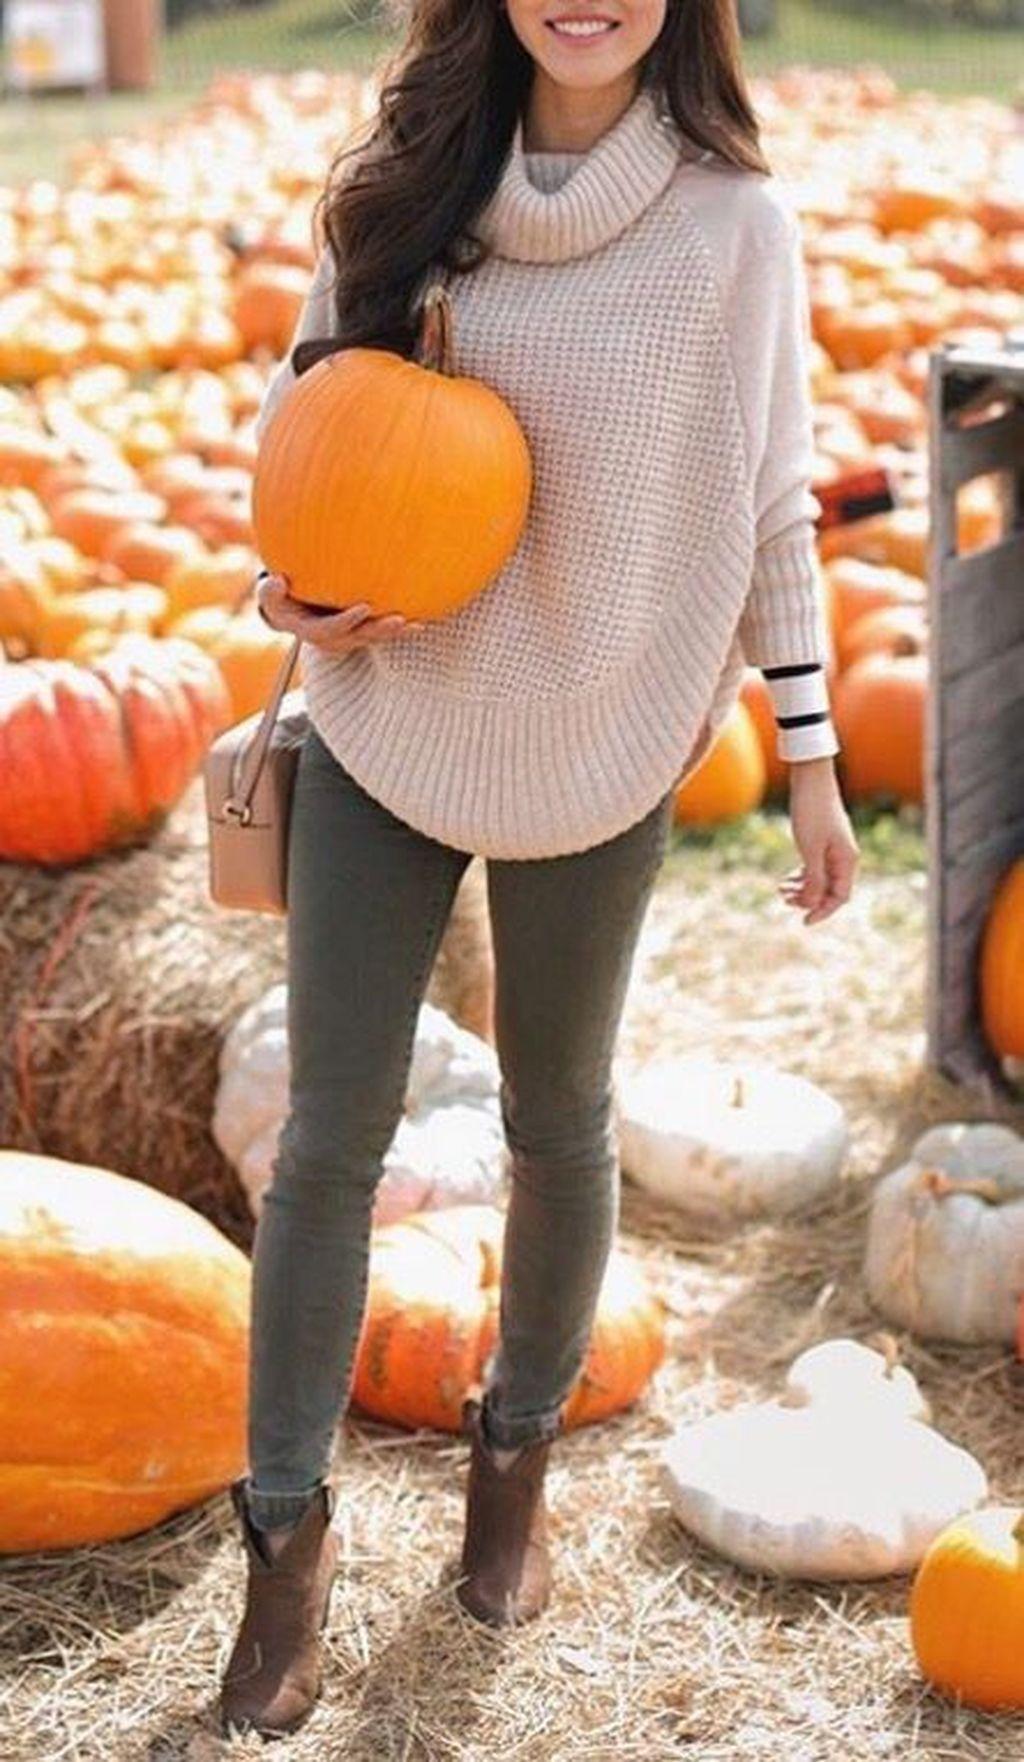 38 Inspiring Women Khaki Sweater Outfit Ideas Best For Fall And Winter Season #pumpkinpatchoutfitwomen